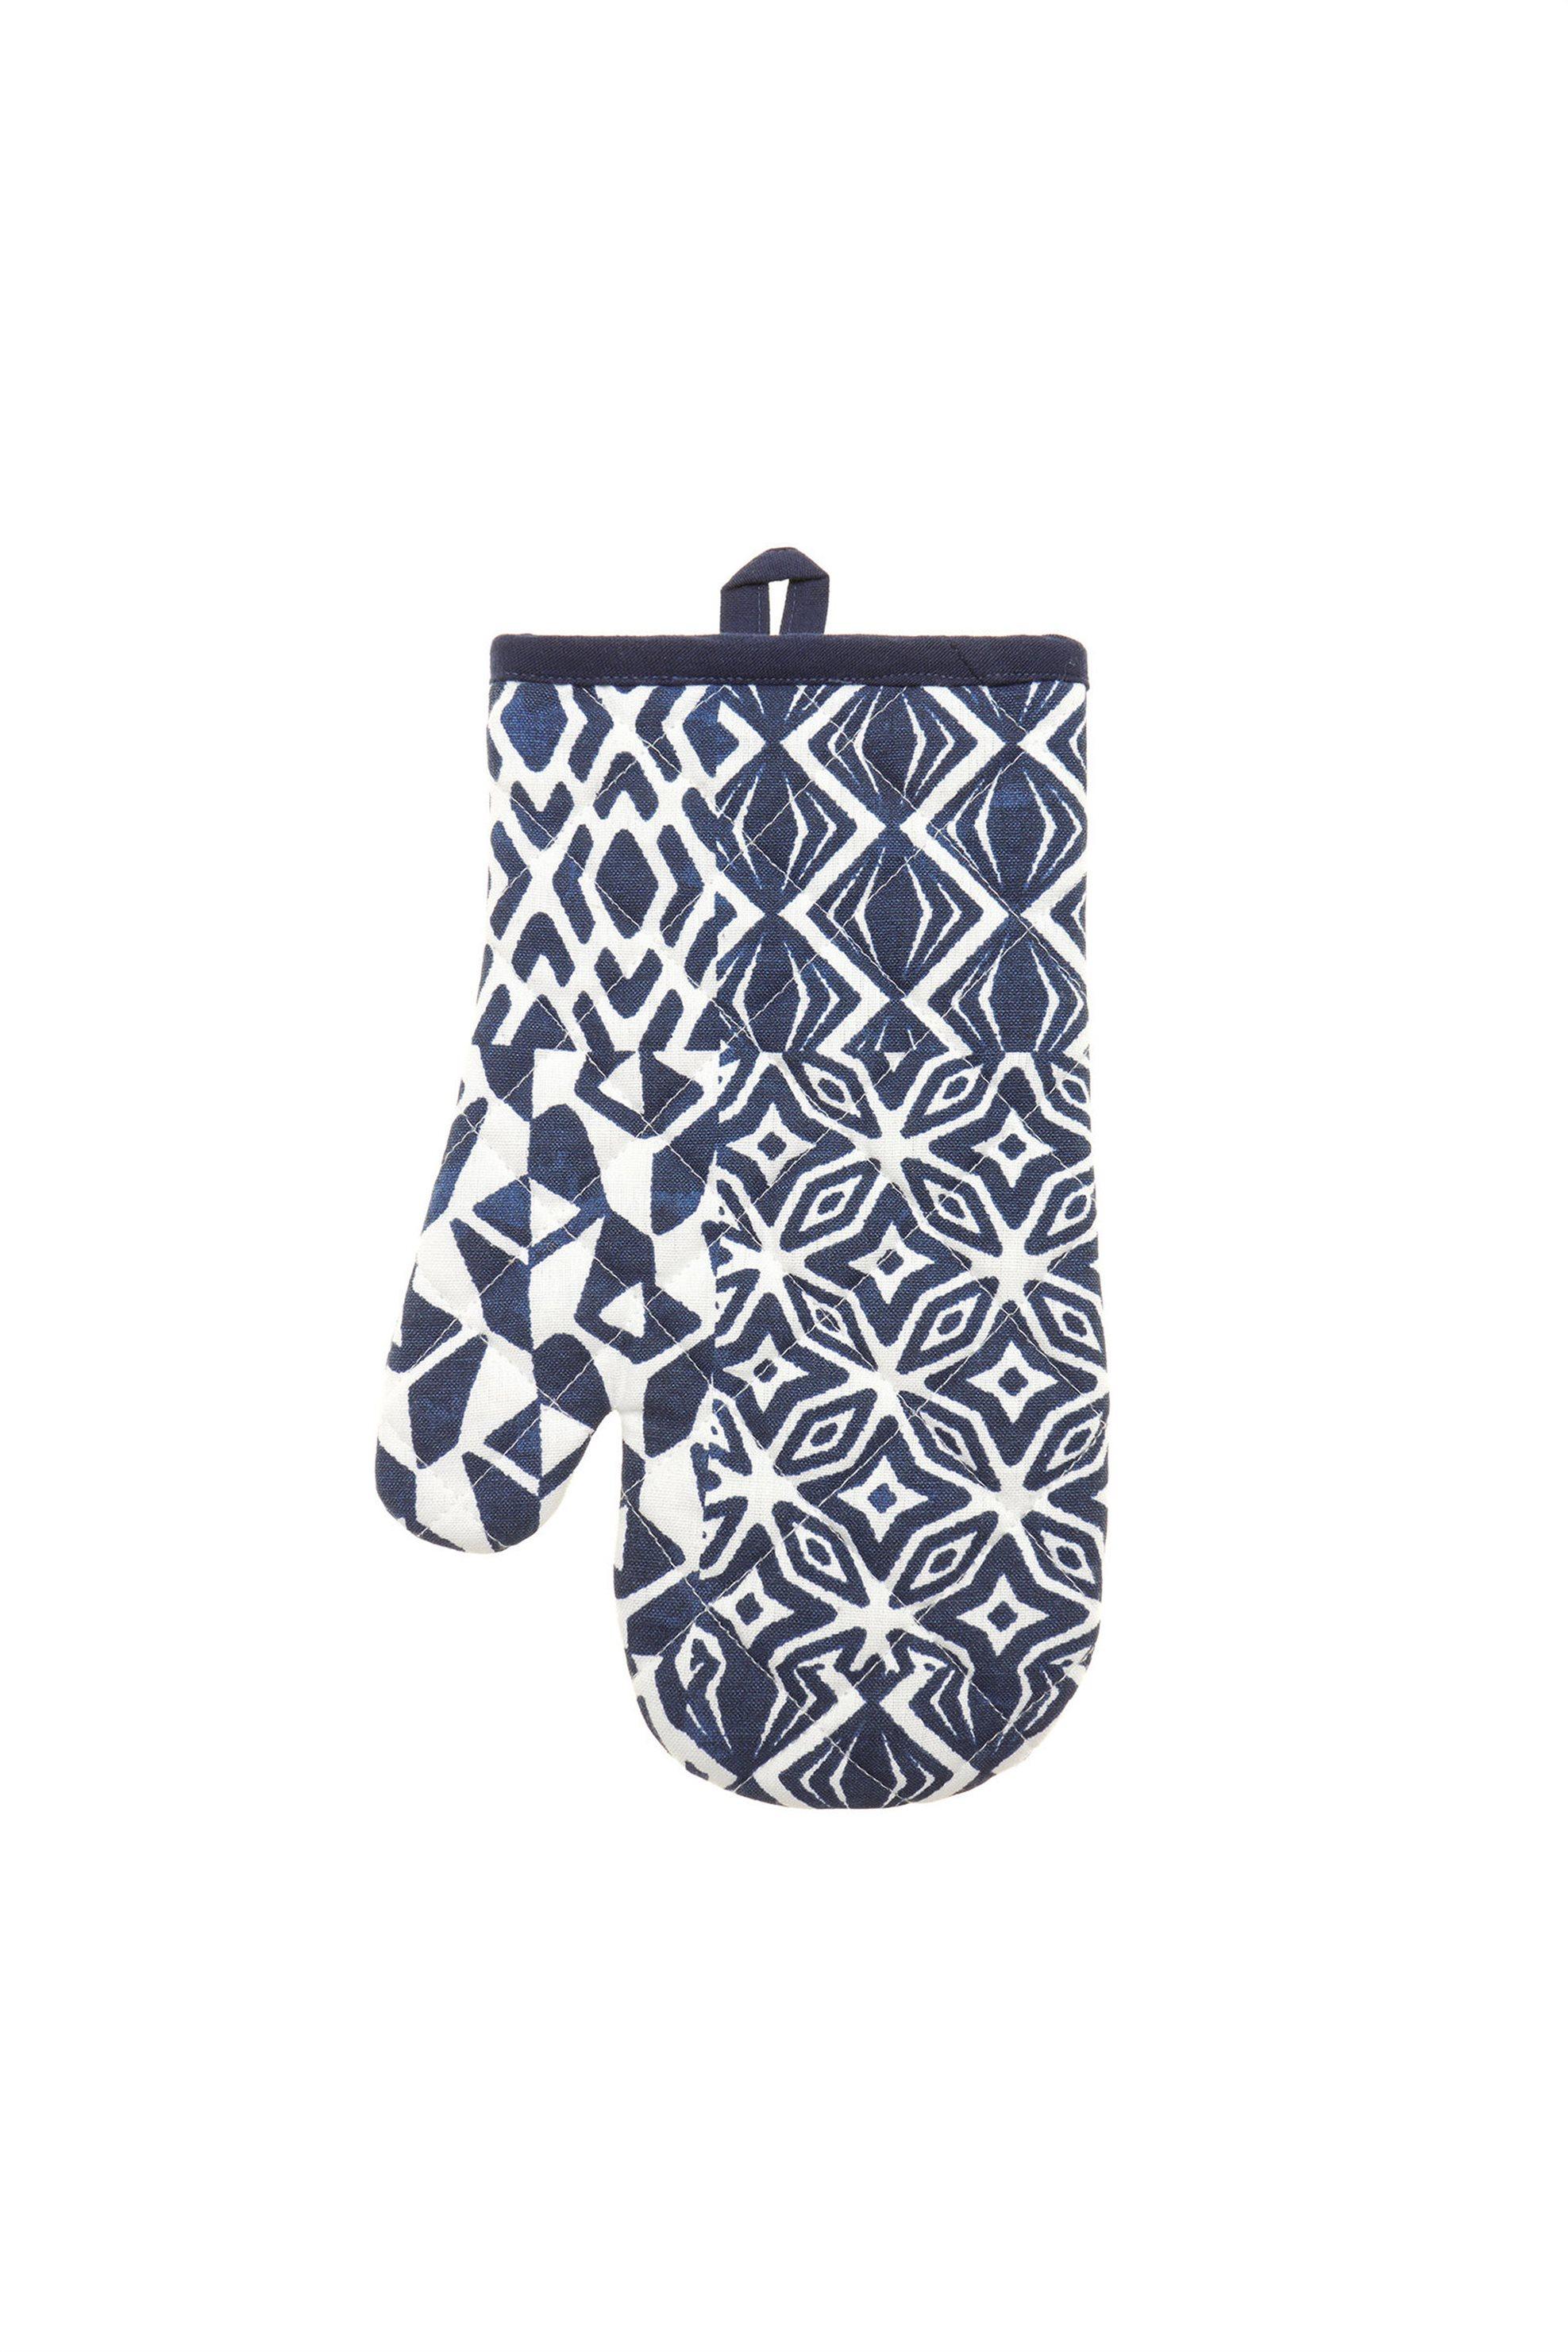 Γάντι φούρνου με γεωμετρικό σχέδιο 17 χ 20 cm Coincasa - 000496159 - Μπλε home   κουζινα   αξεσουάρ kουζίνας   γάντια   πιάστρες κουζίνας